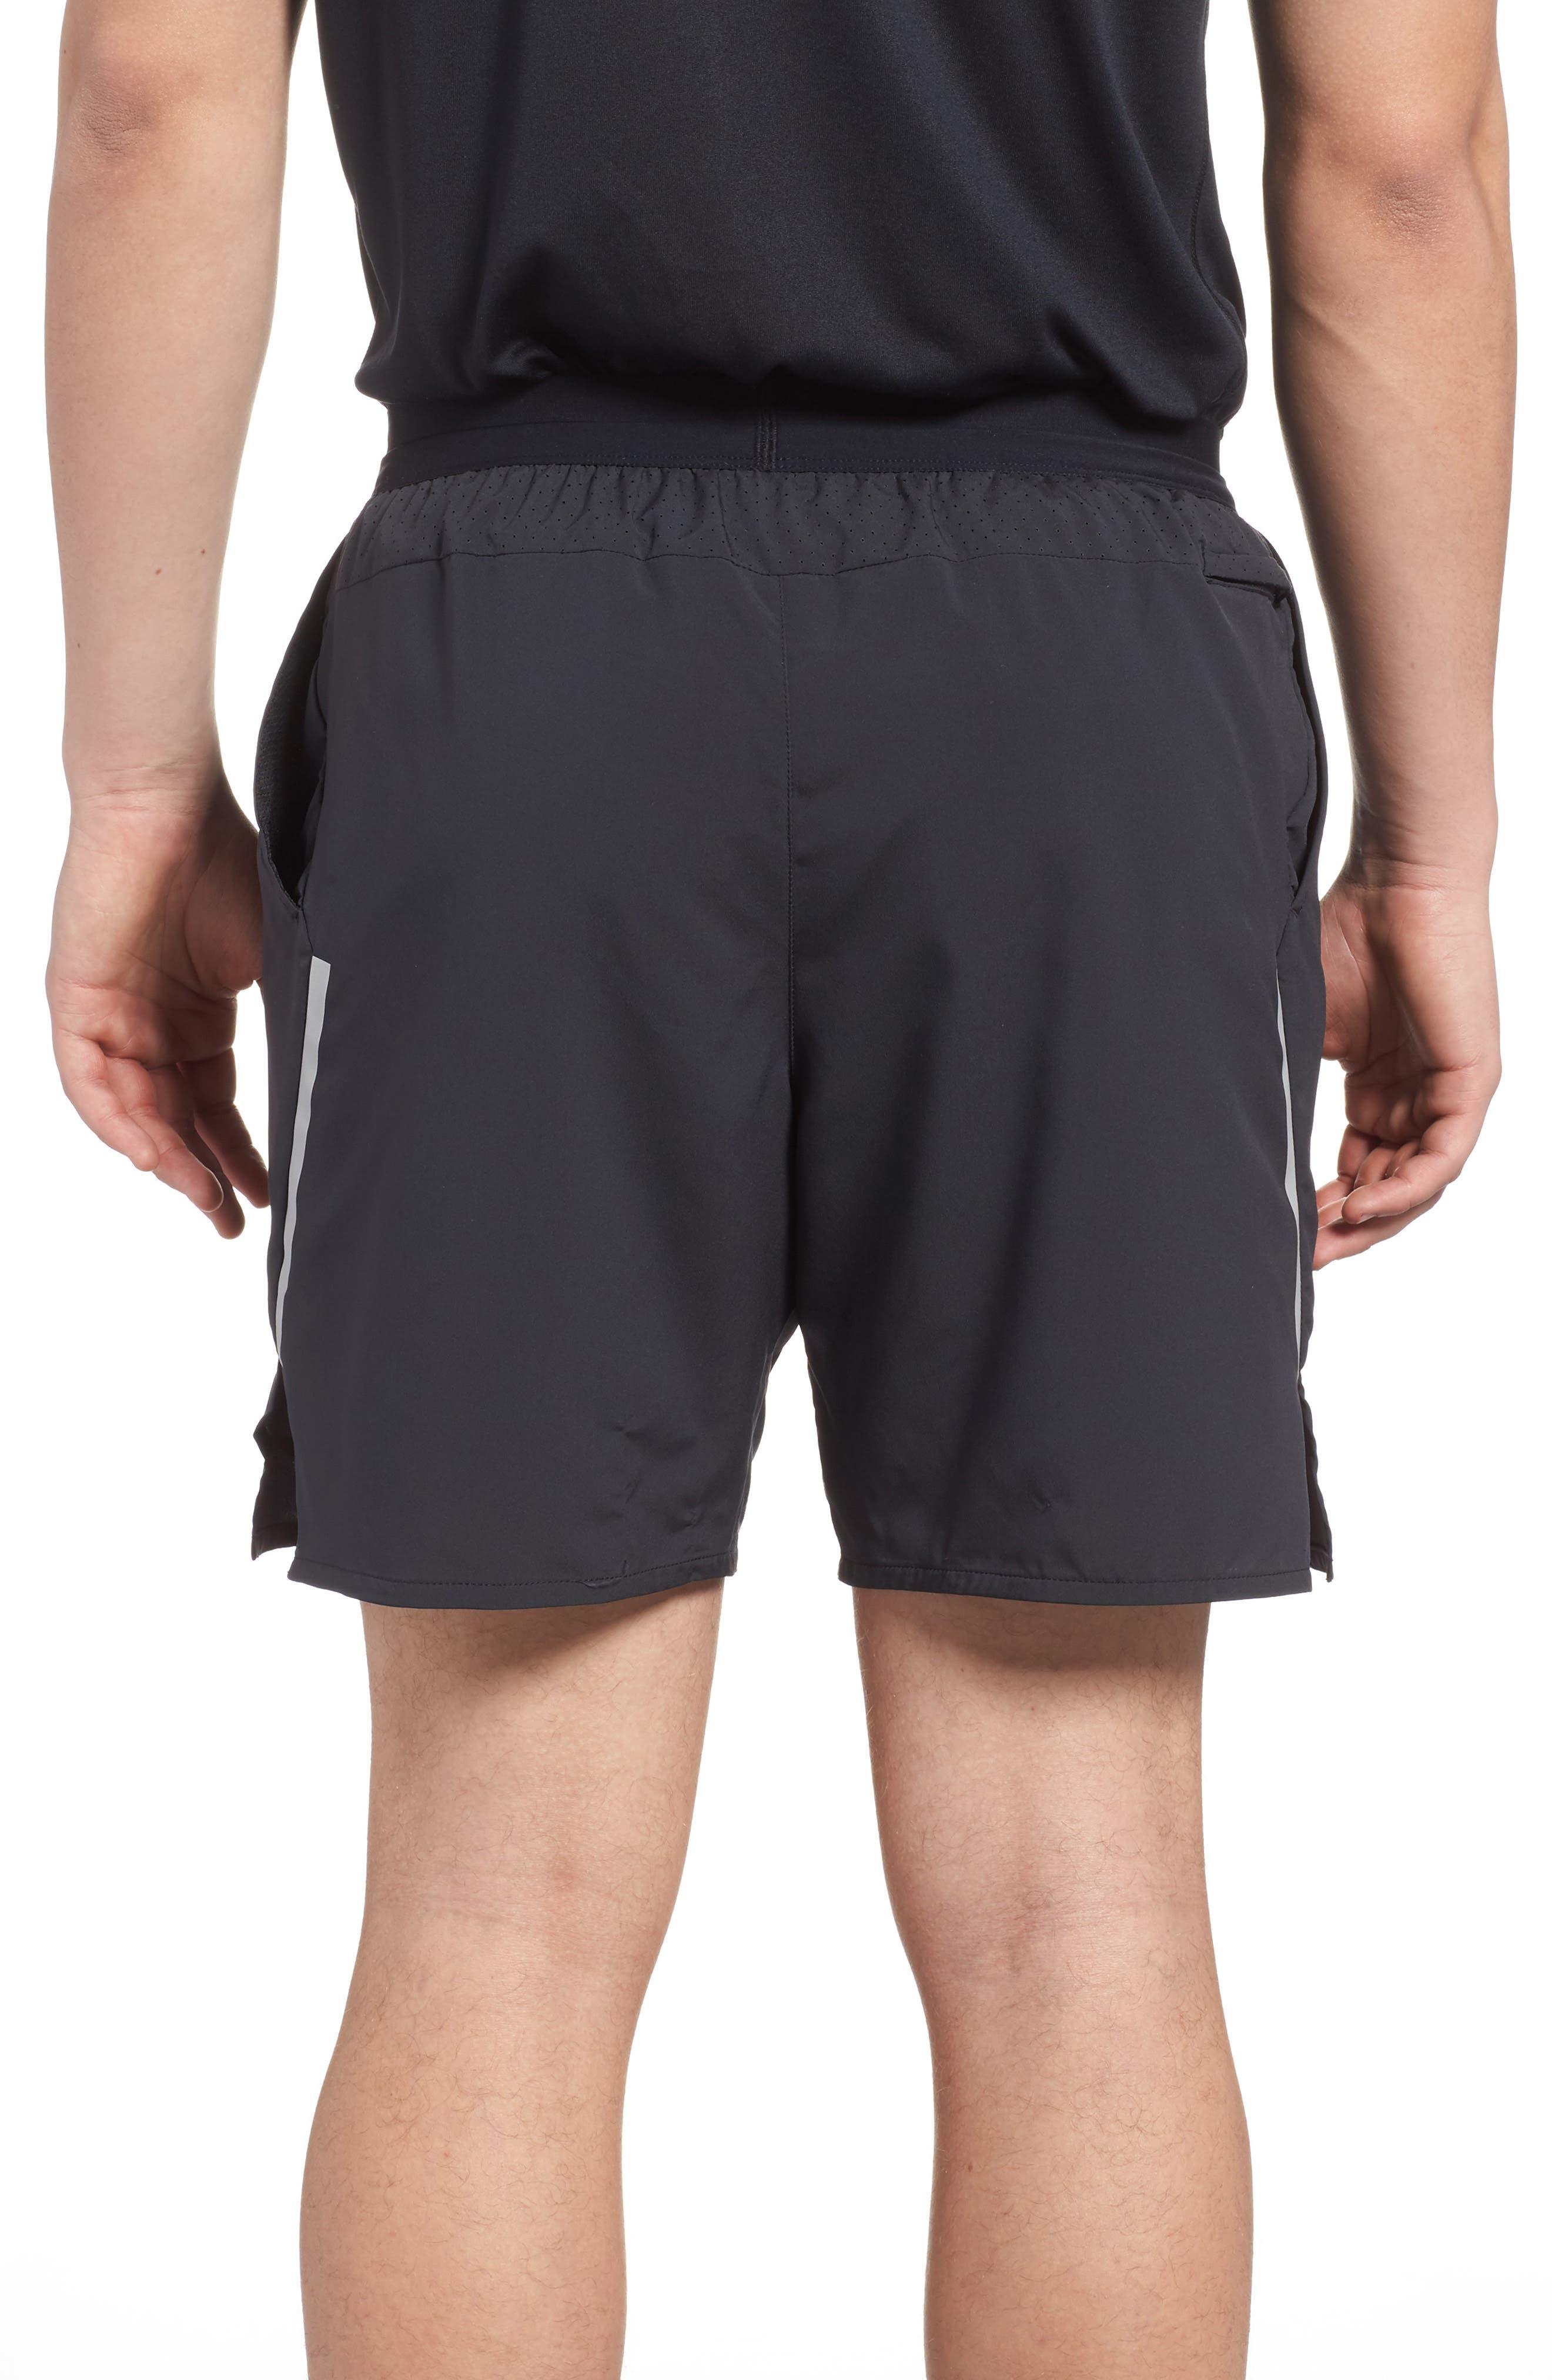 Flex Distance Shorts,                             Alternate thumbnail 2, color,                             Black/ Black